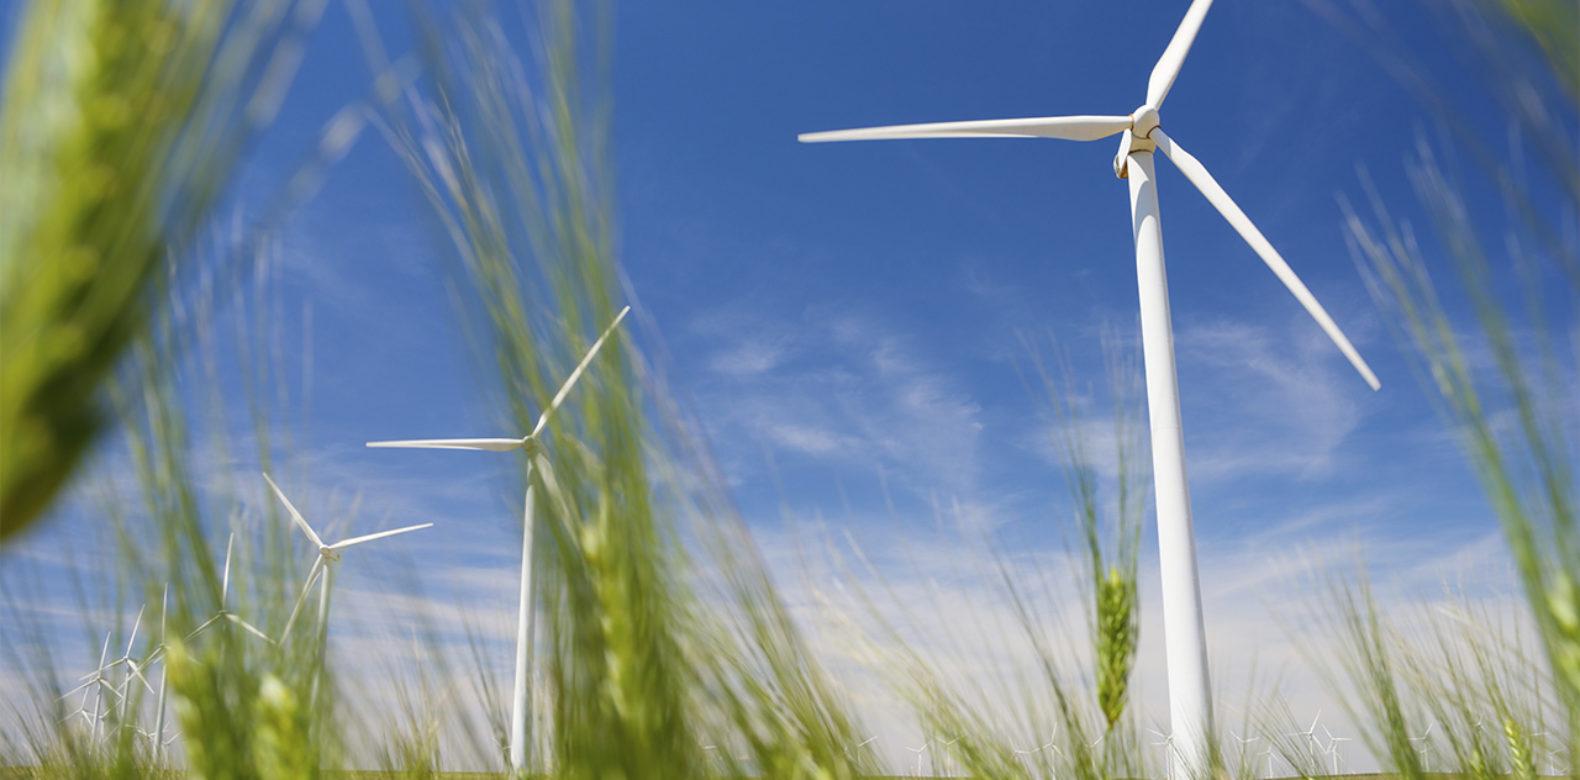 Avis sur le rapport en matière de développement durable de la Région Grand Est